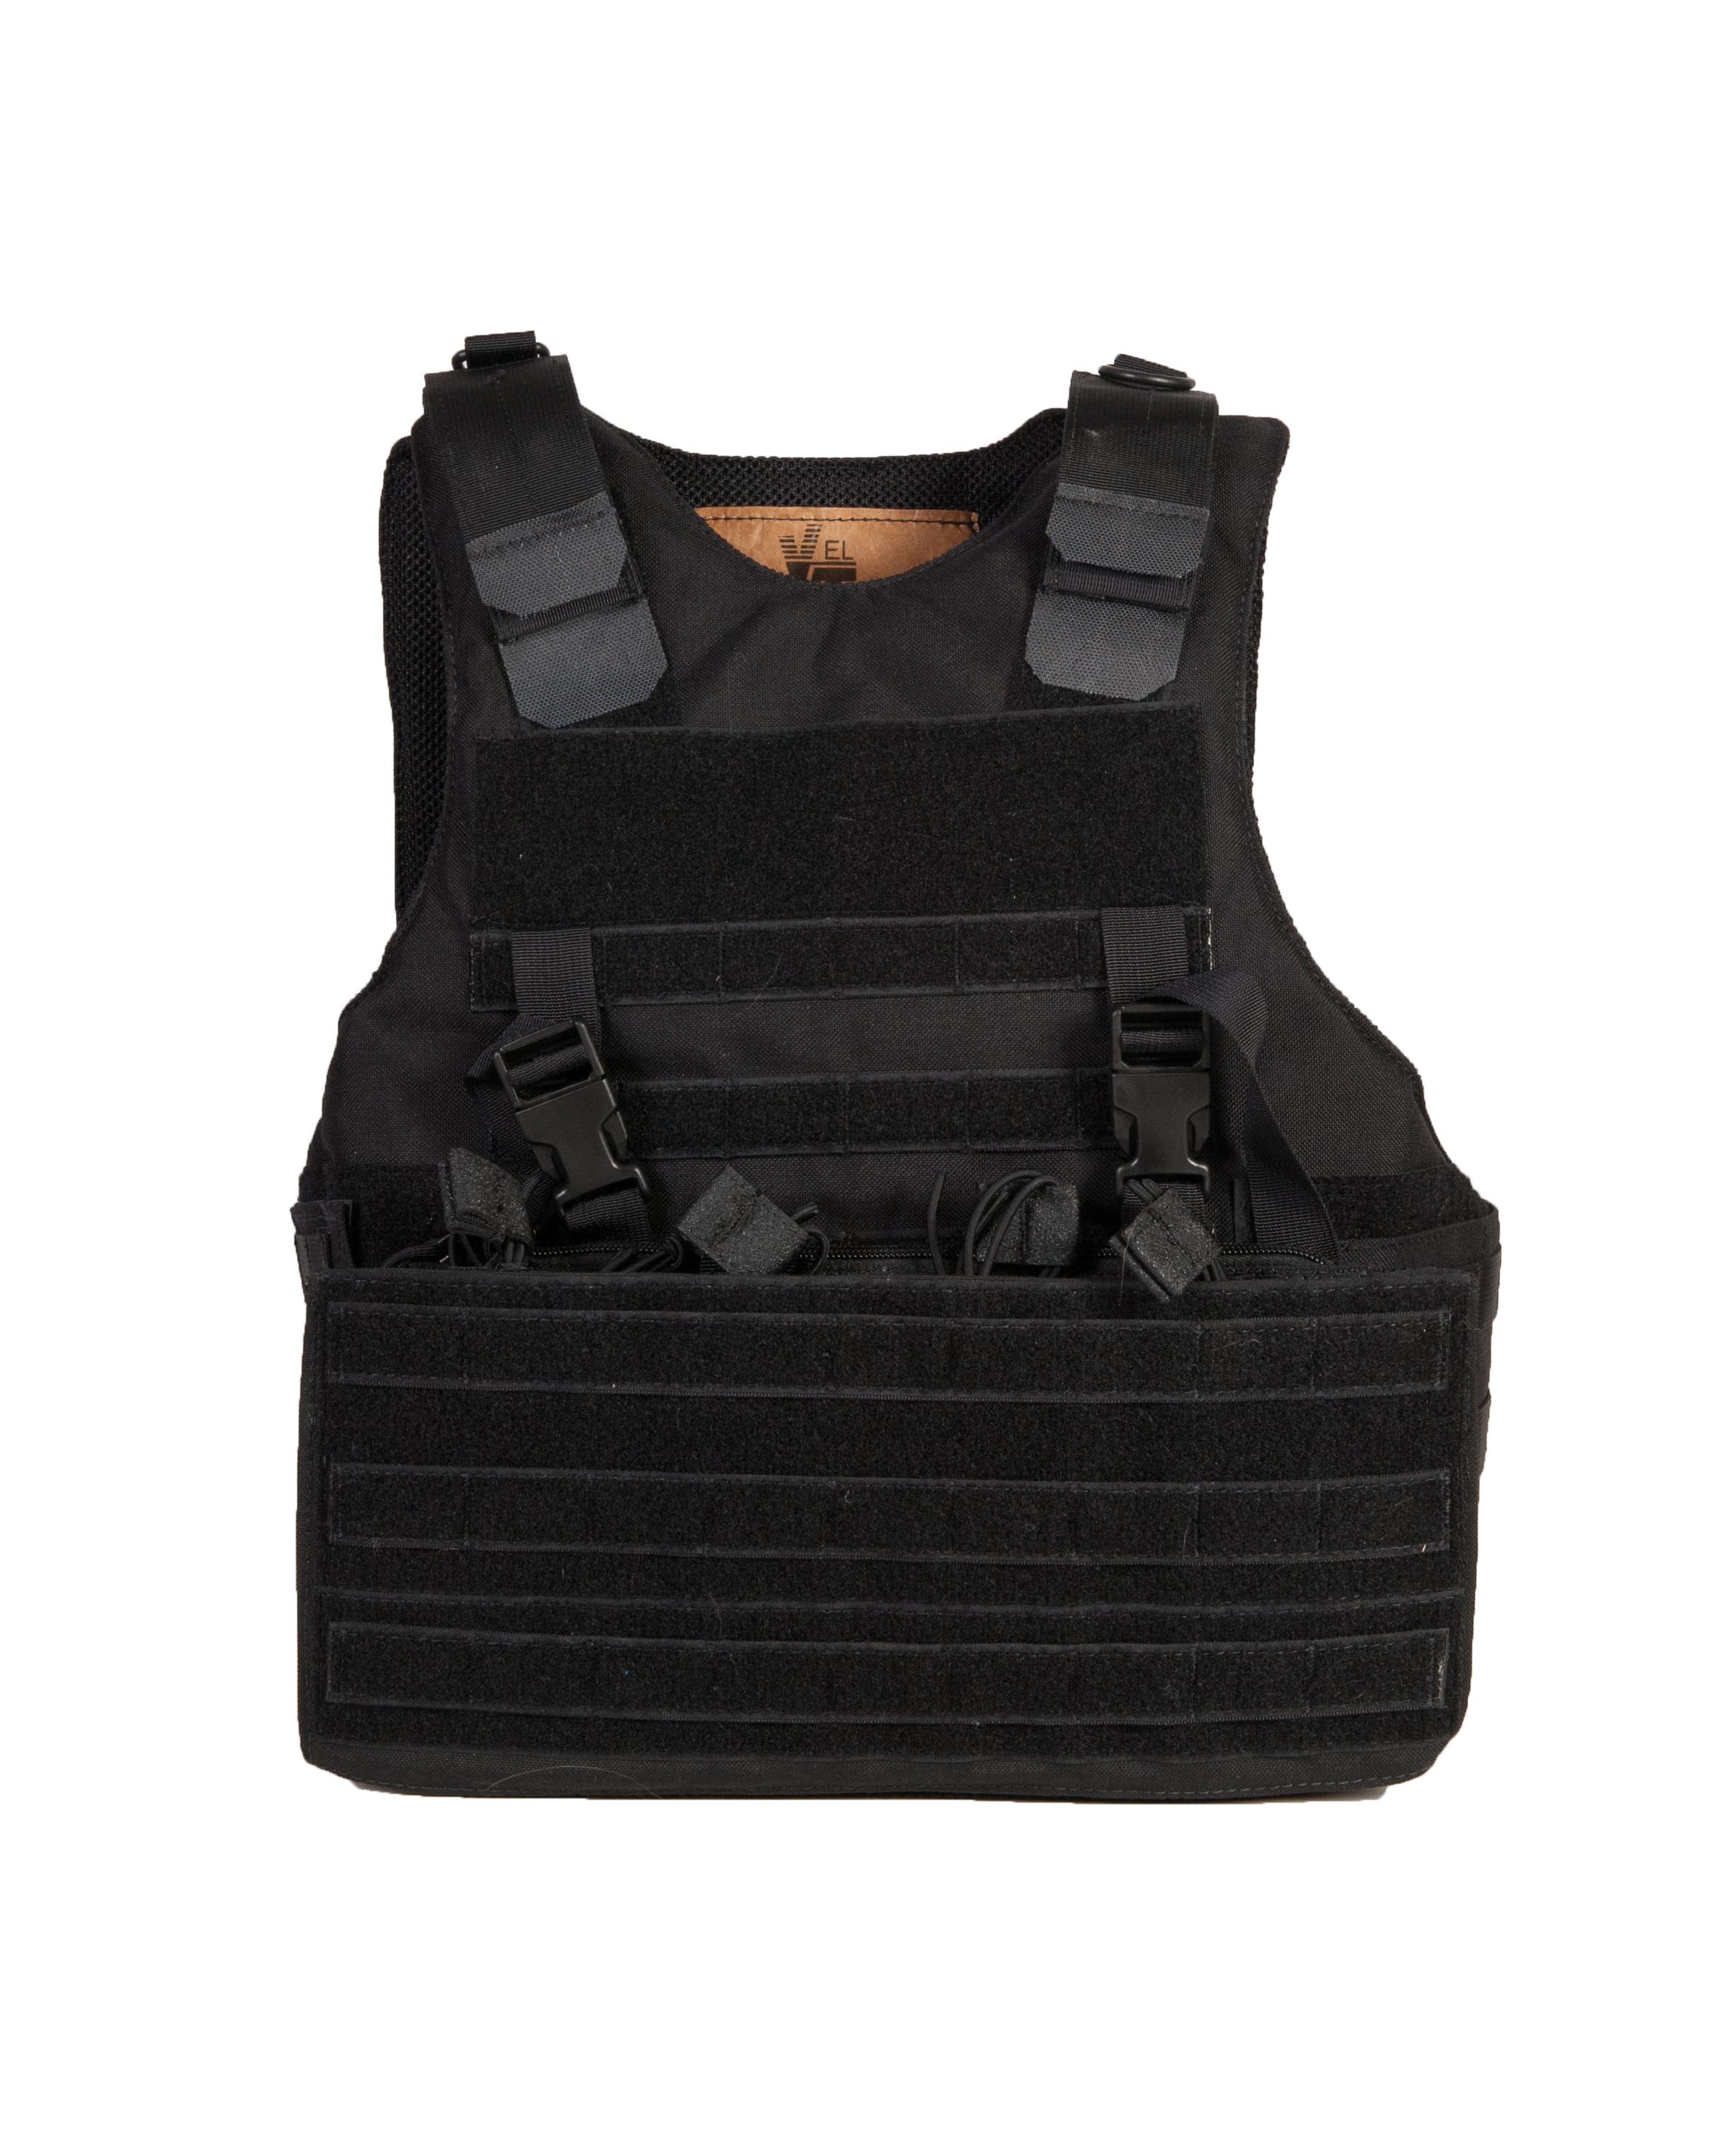 Police Hugger Tactical Vest-